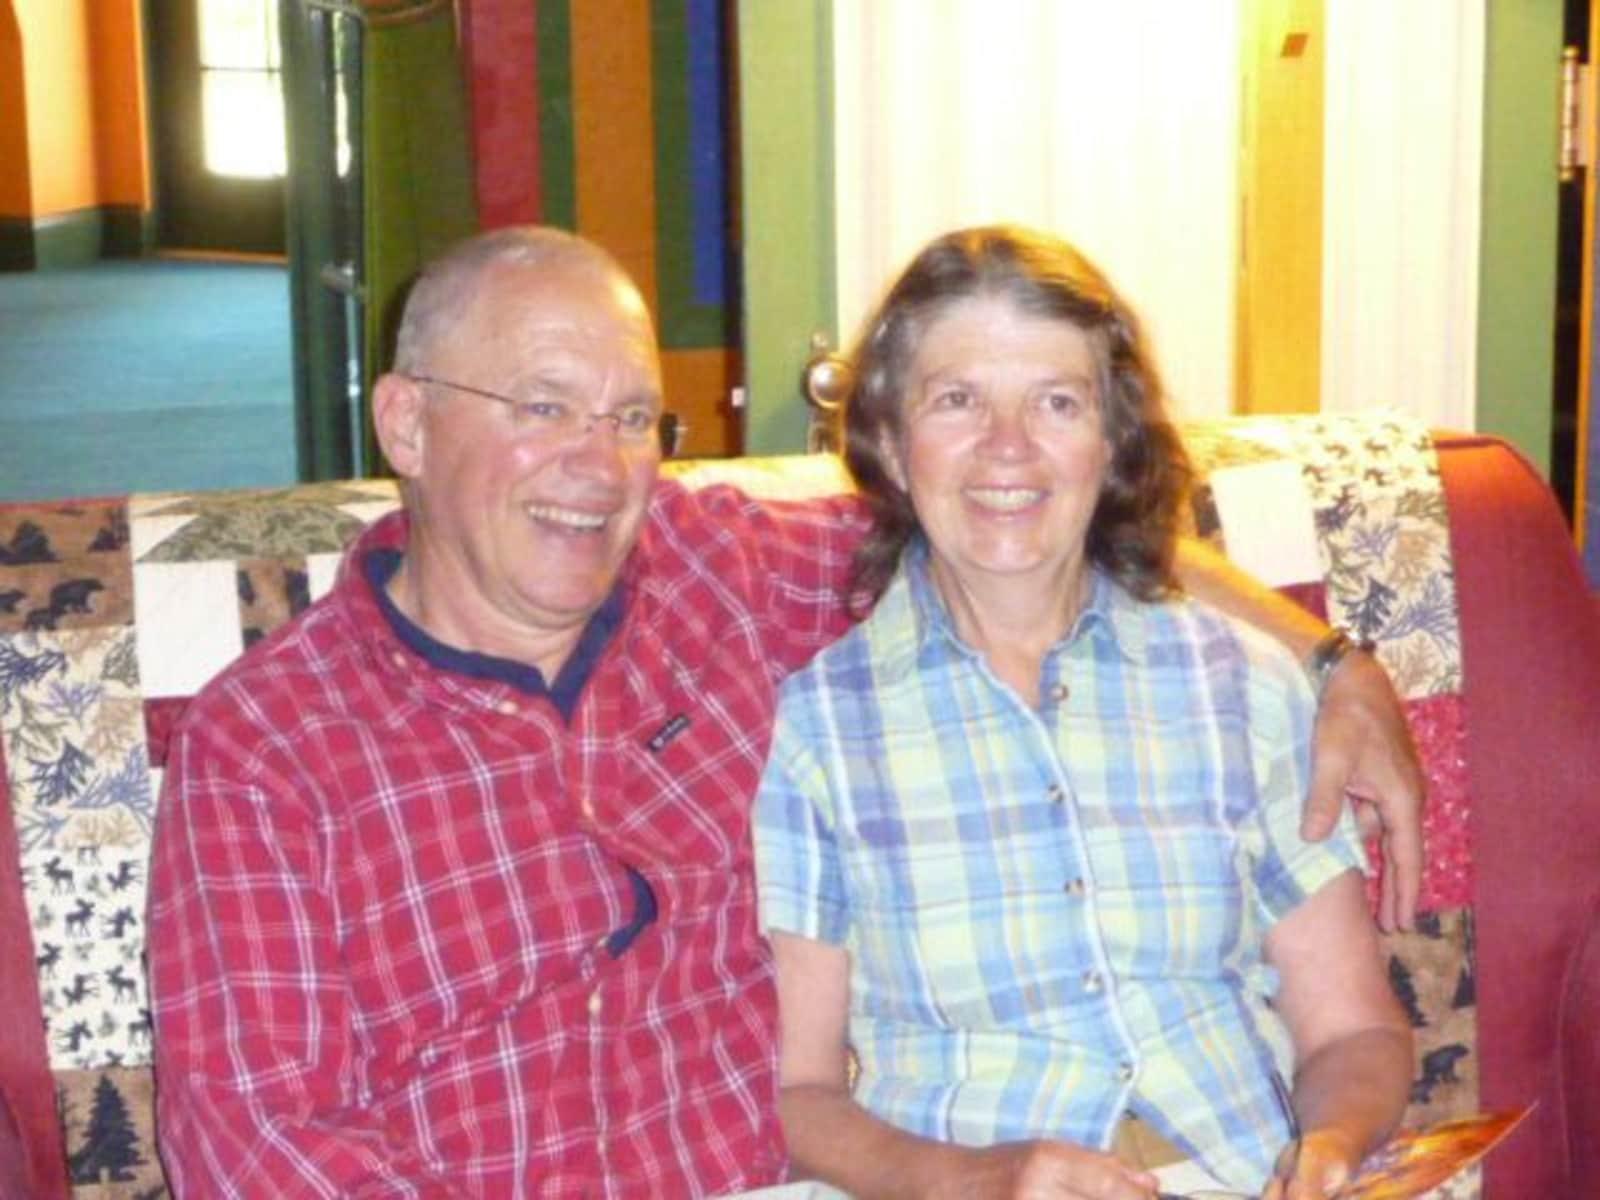 Lucille & Craig from Cuenca, Ecuador